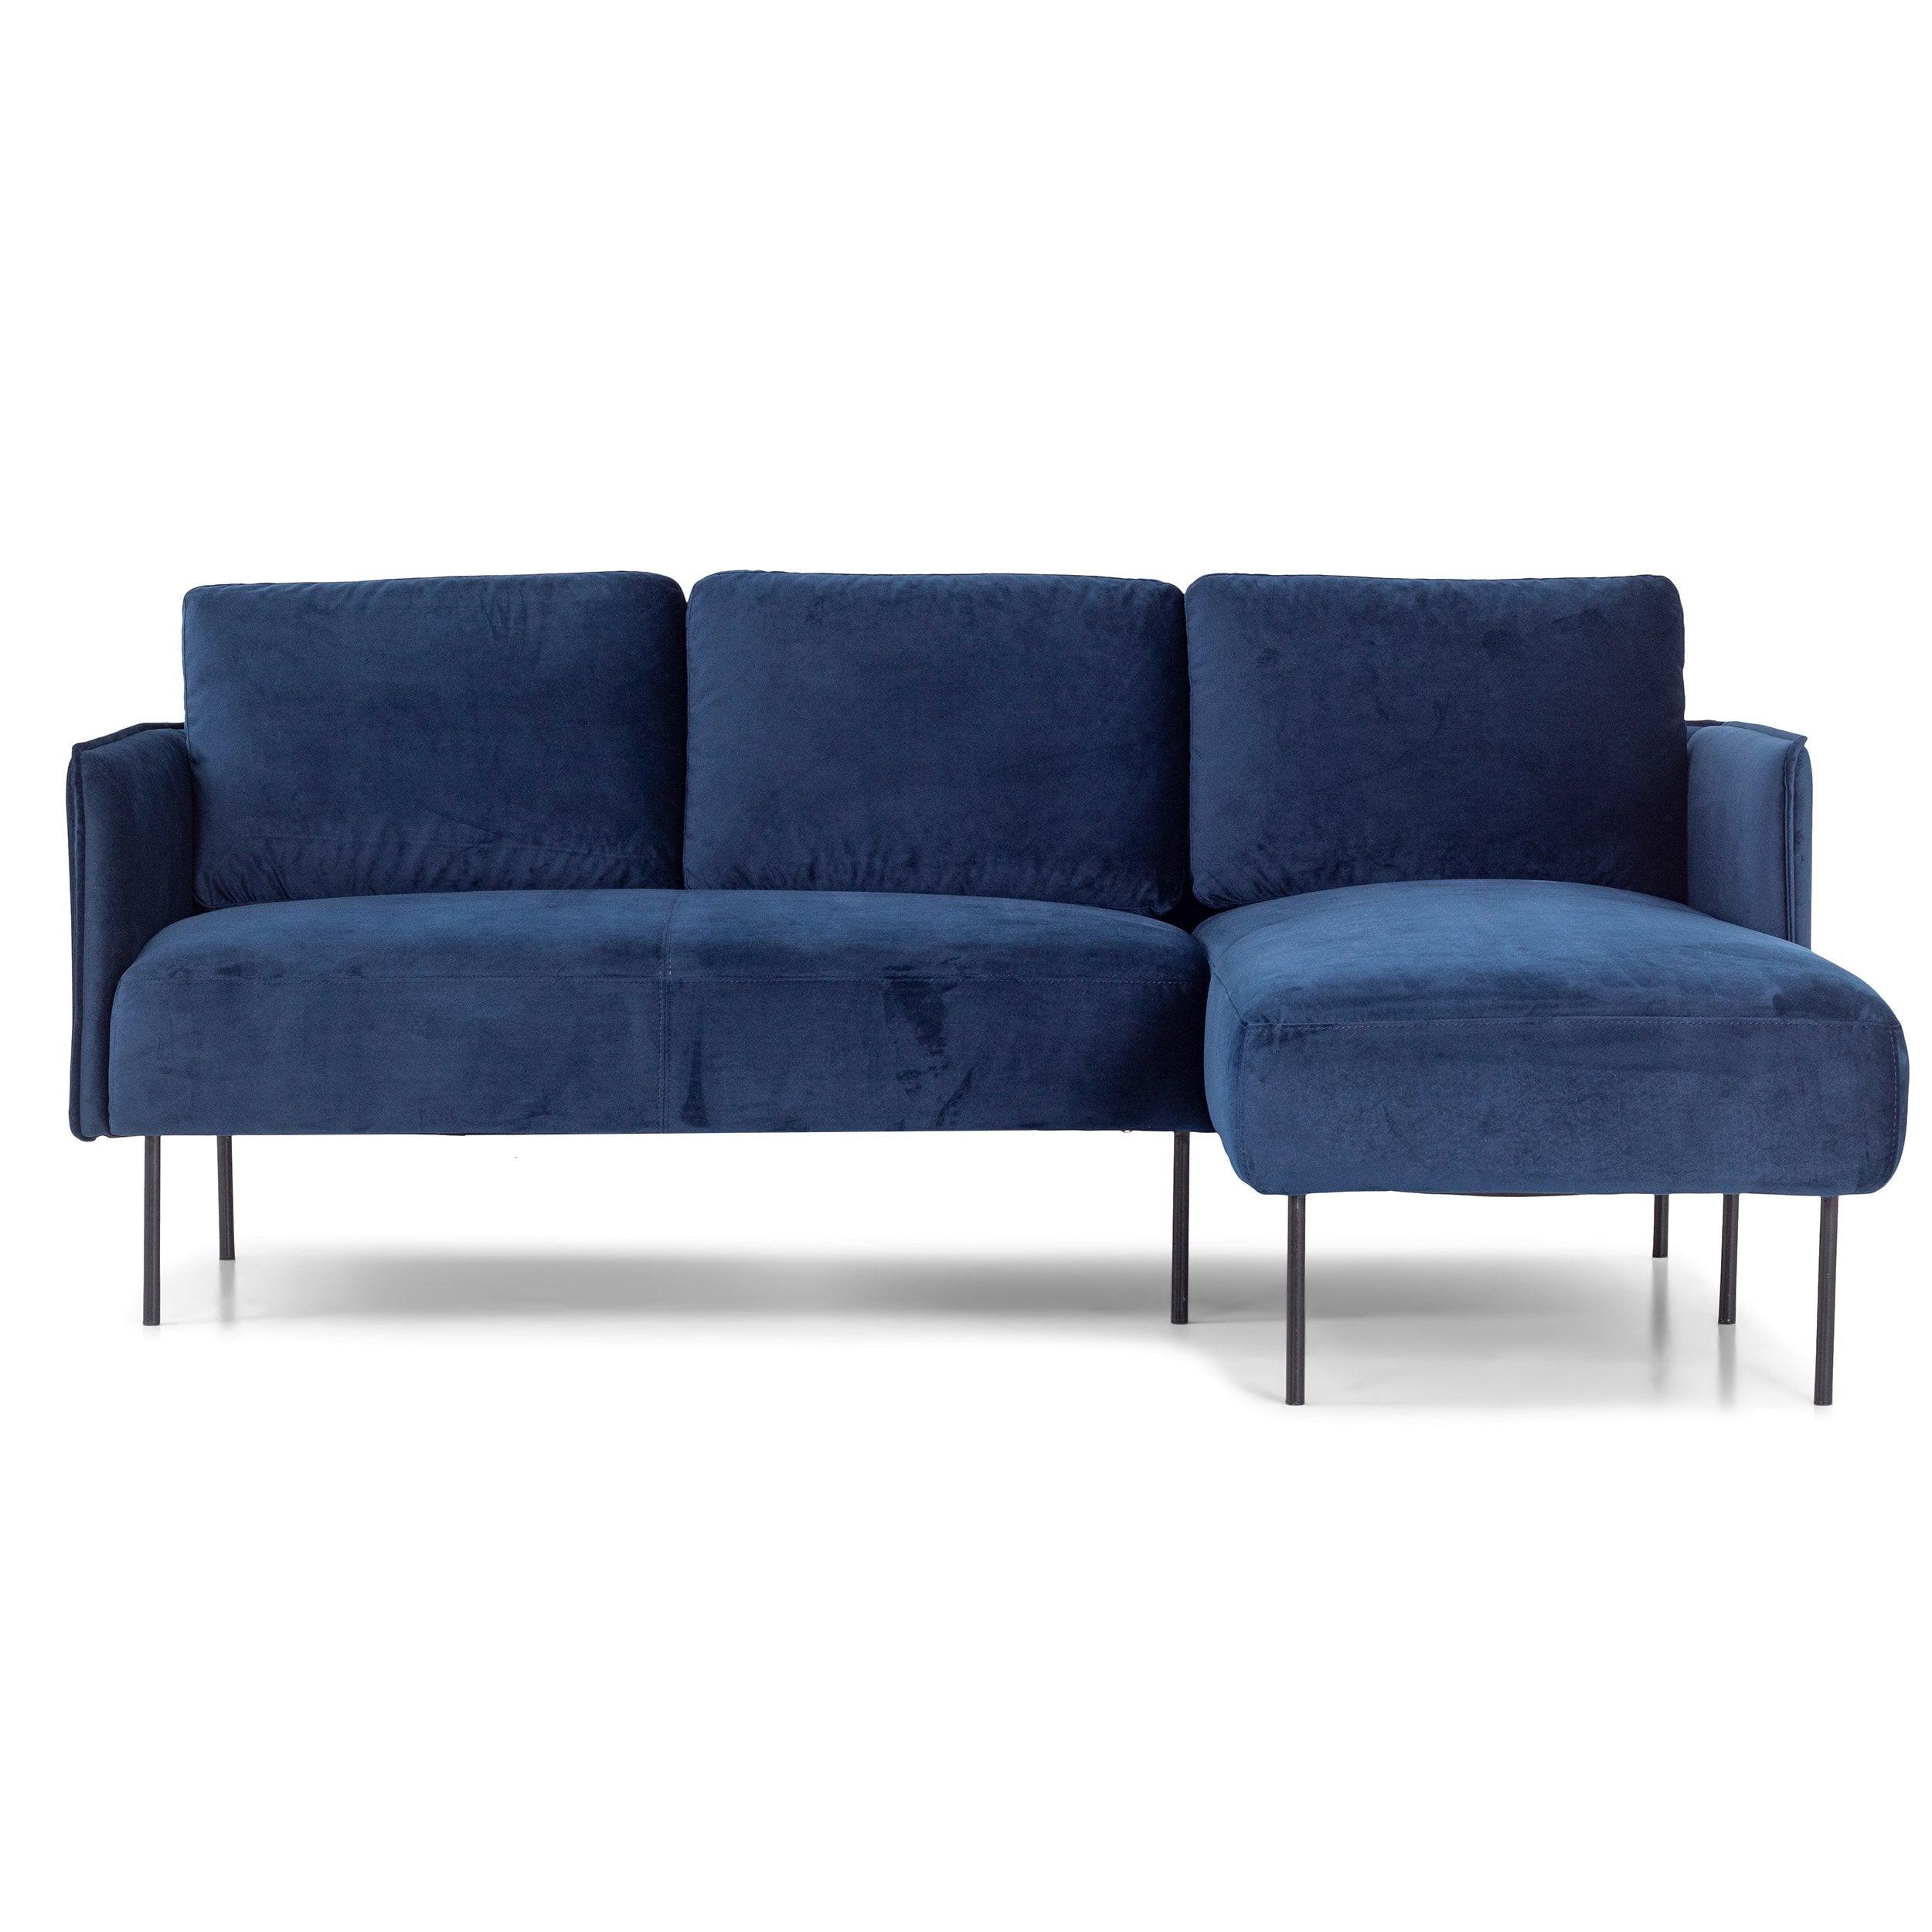 nimara.dk Nela - Højrevendt chaiselong sofa blå velour - 192 cm